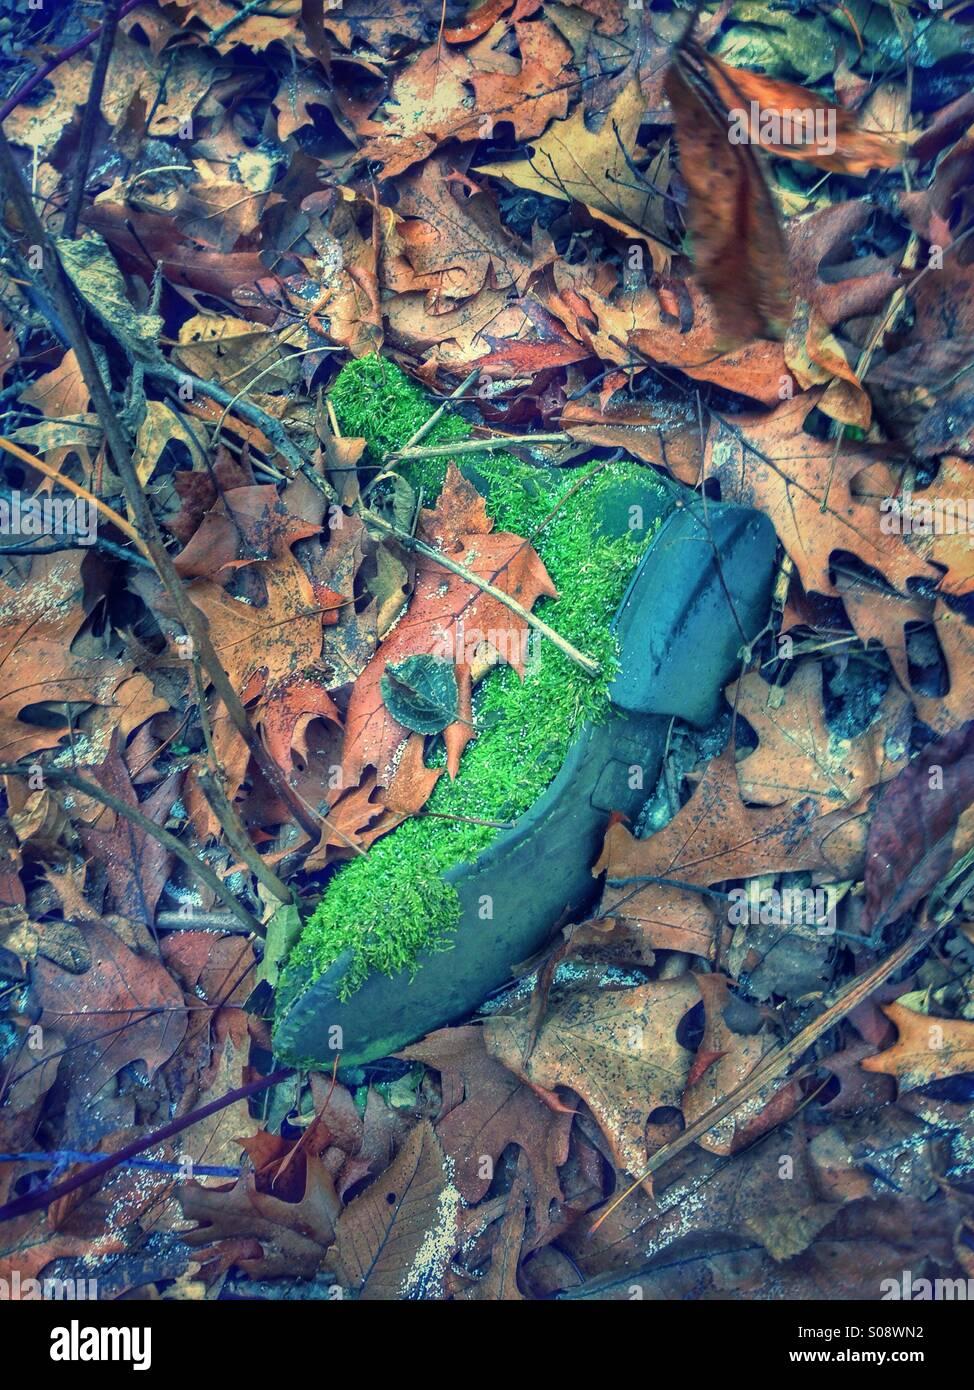 Viejo mossy boot en las hojas. Imagen De Stock